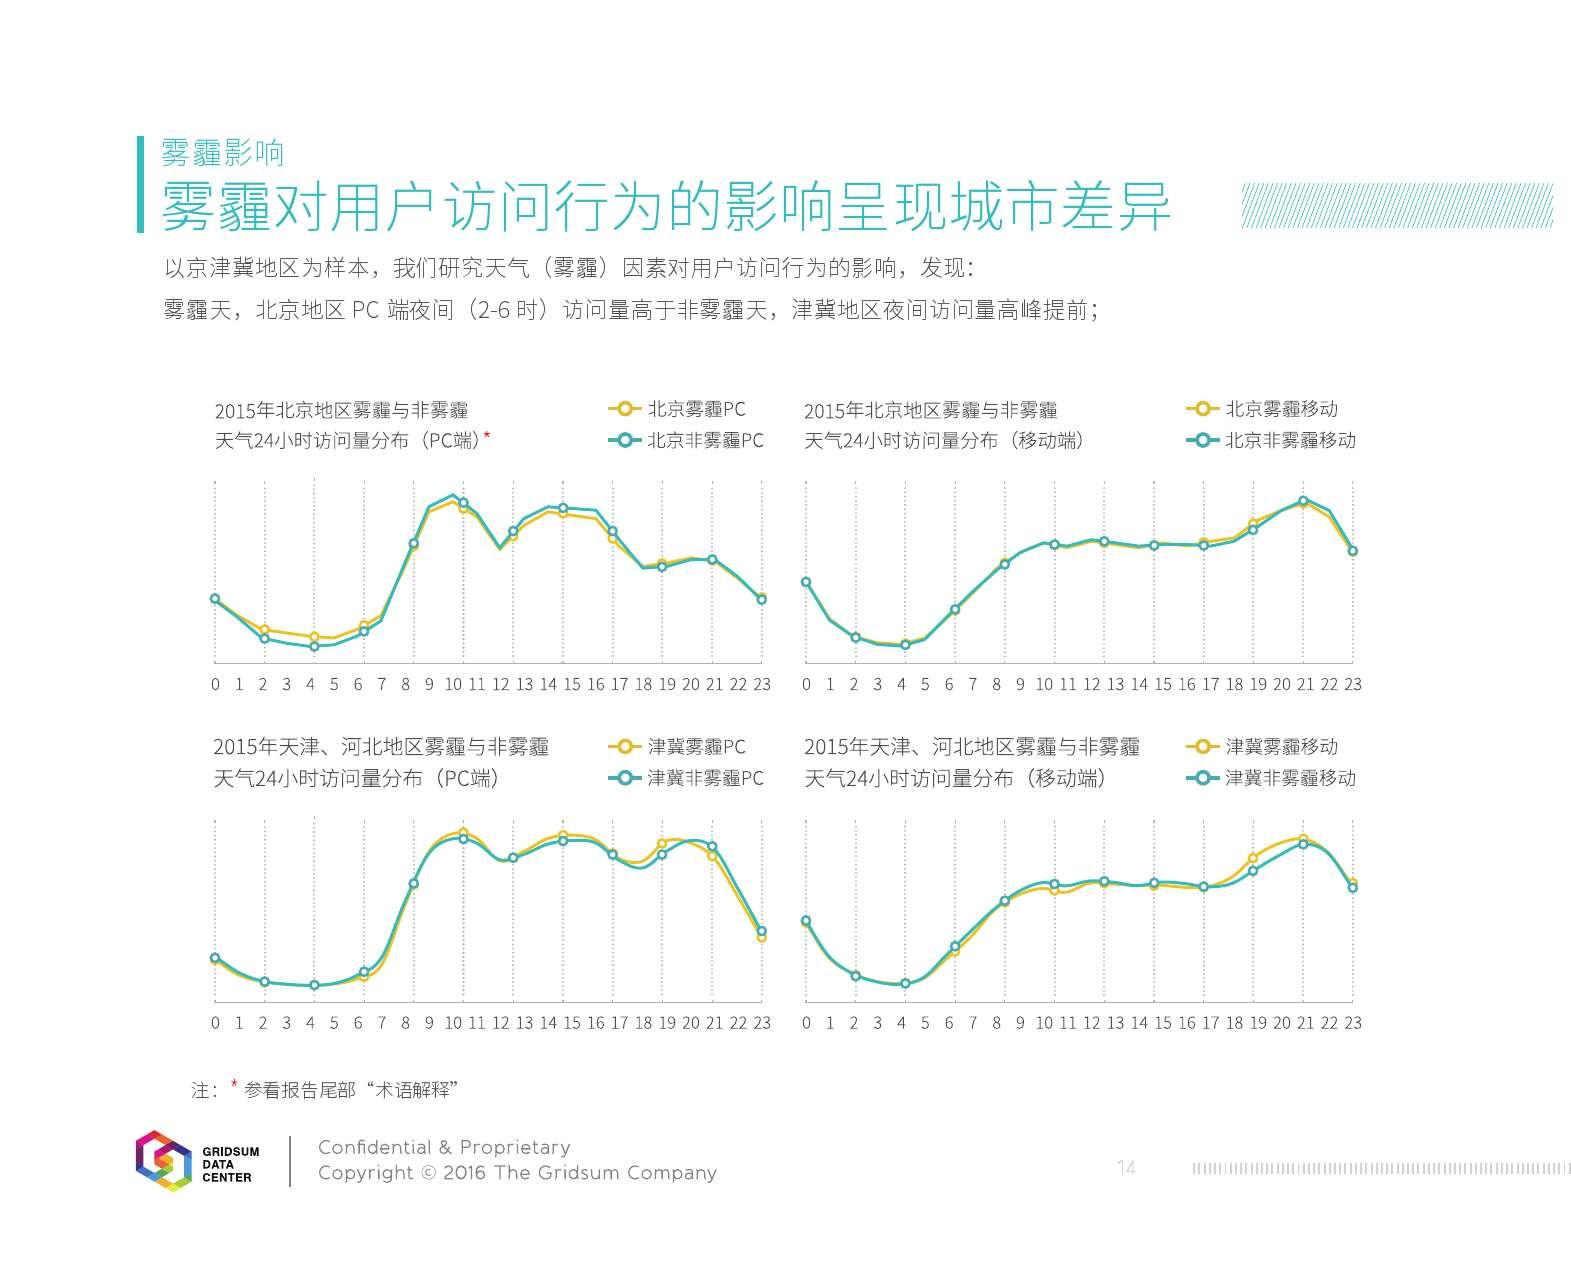 2015中国互联网发展报告_000016